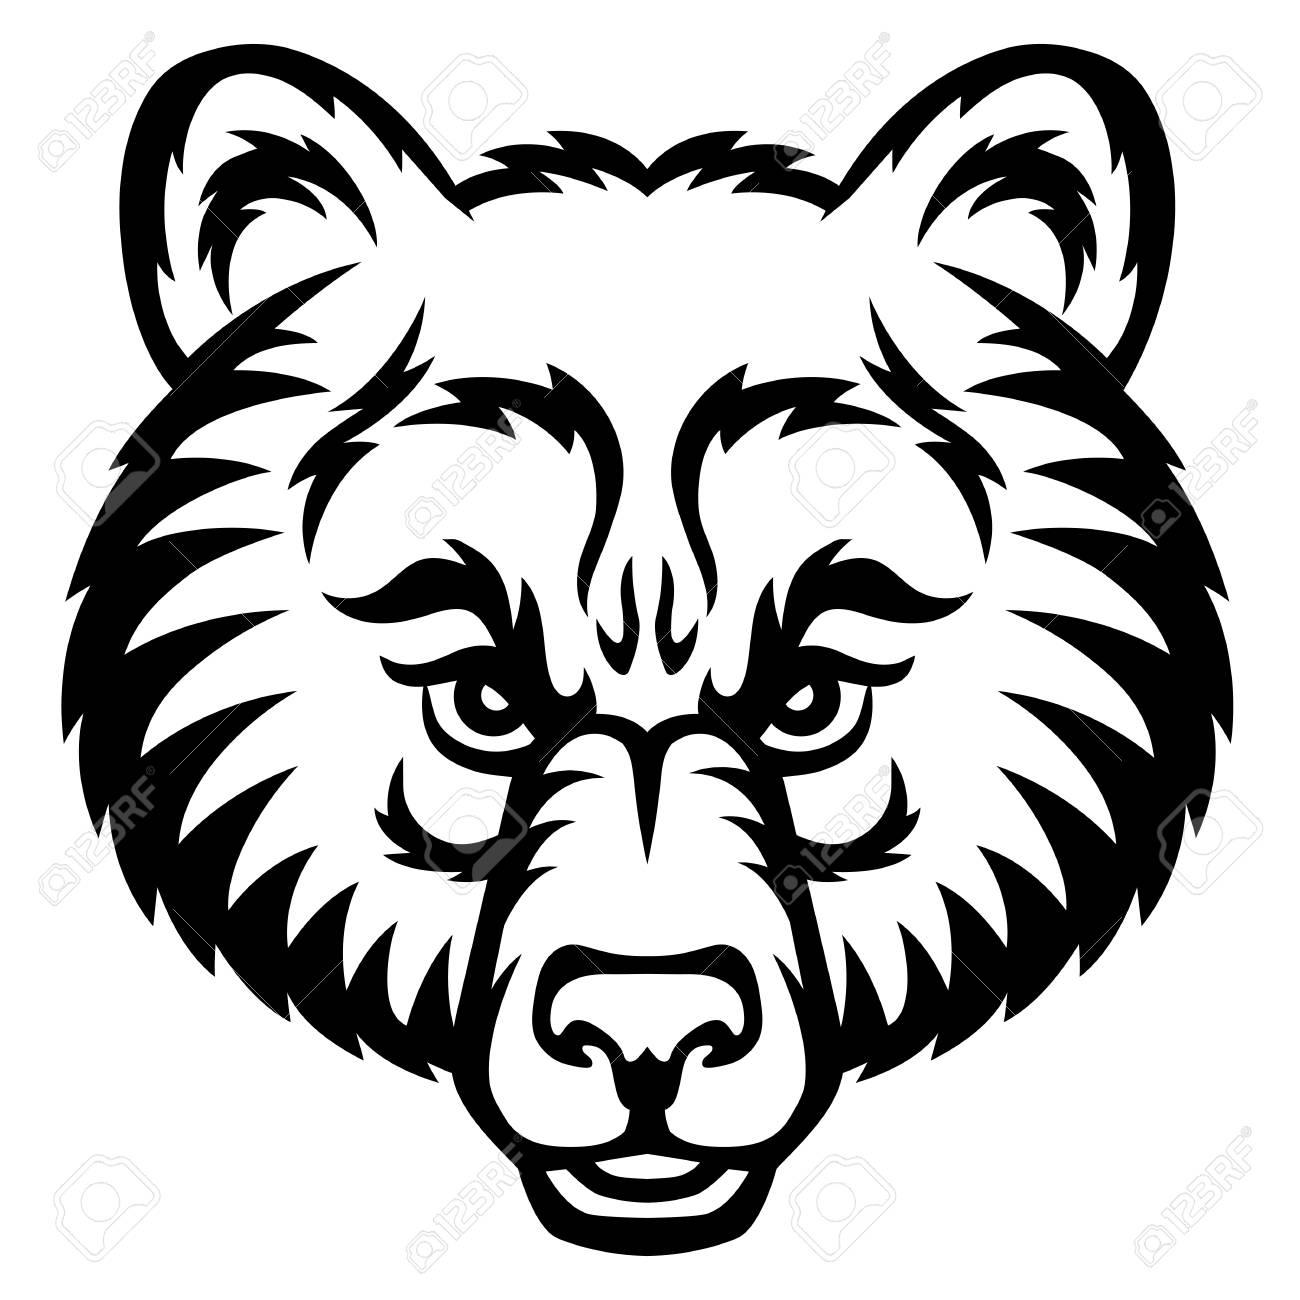 Un Logo De La Tete D Ours C Est Un Vecteur Ideal Pour Une